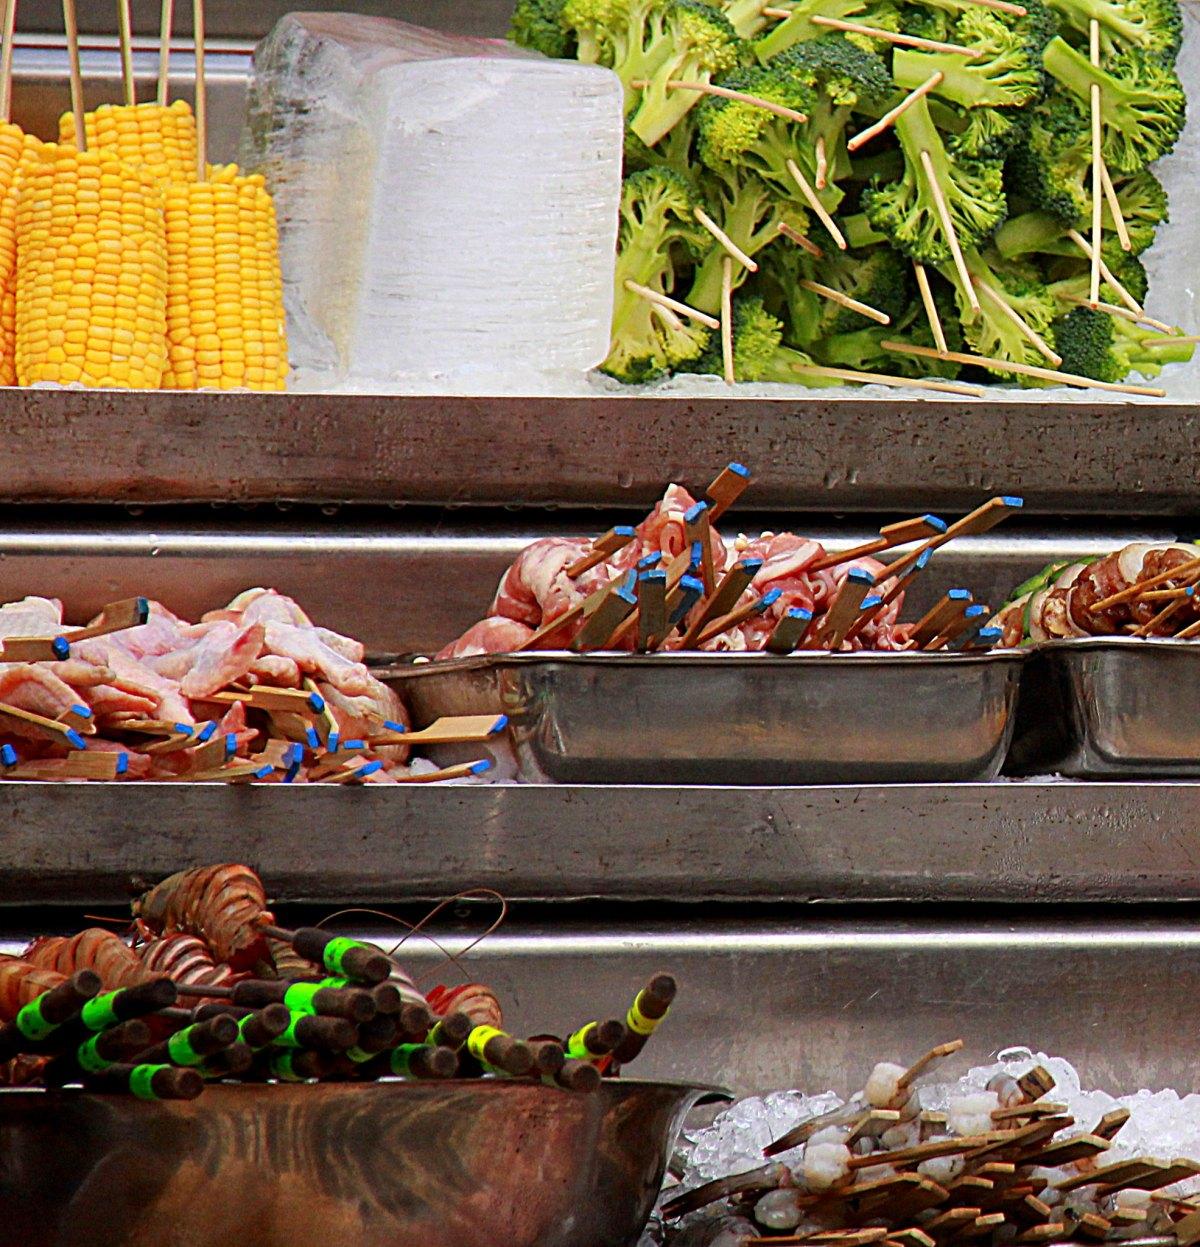 Street food in Kuala Lumpur Chinatown